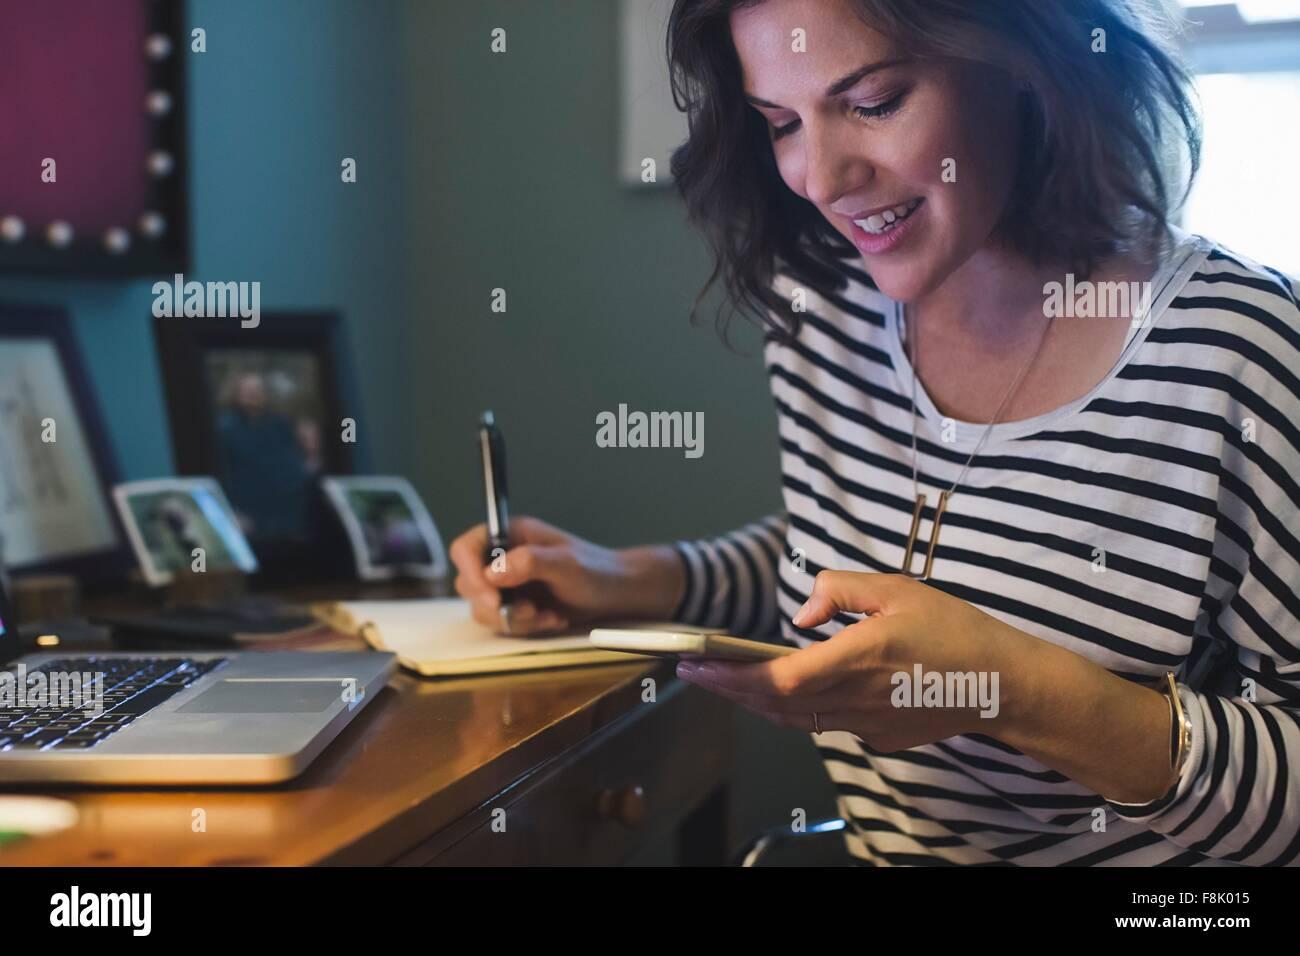 Mid adult woman at 24, holding smartphone, écrit dans le livre Photo Stock